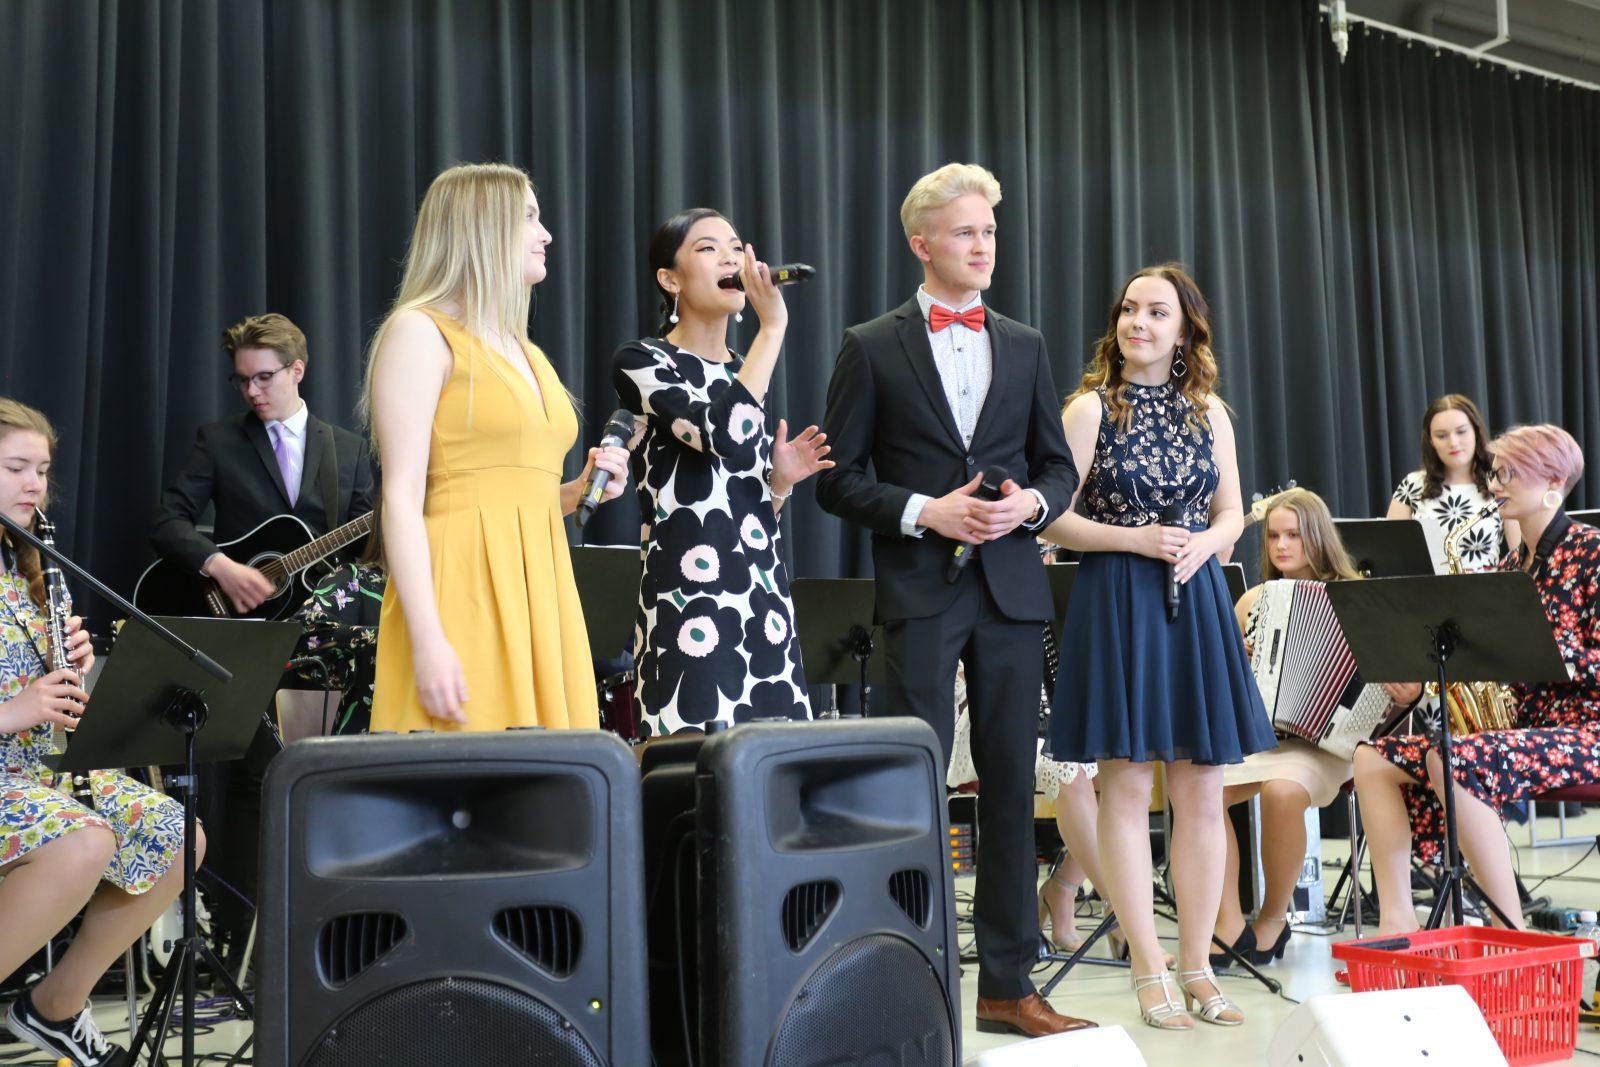 Lukion bändi esiintyy valmistujaisjuhlassa, yksi laulaa mikrofoniin, kuva